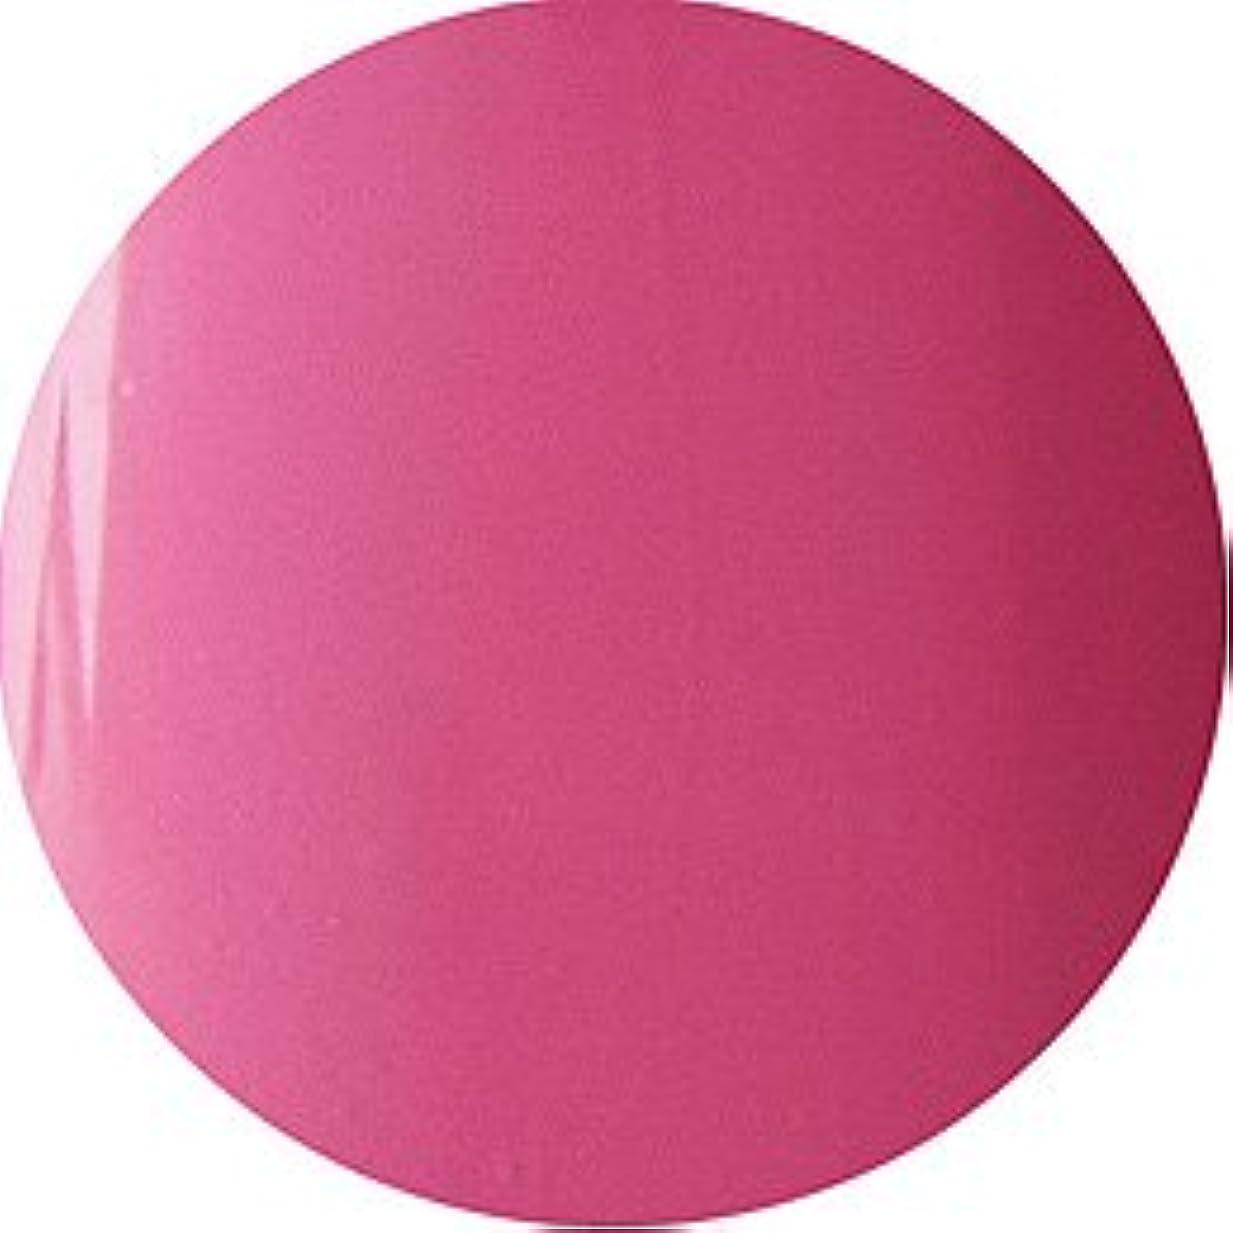 ブルーベル入る針CND シェラック UVカラーコート7.3ml 519 ホットポップピンク